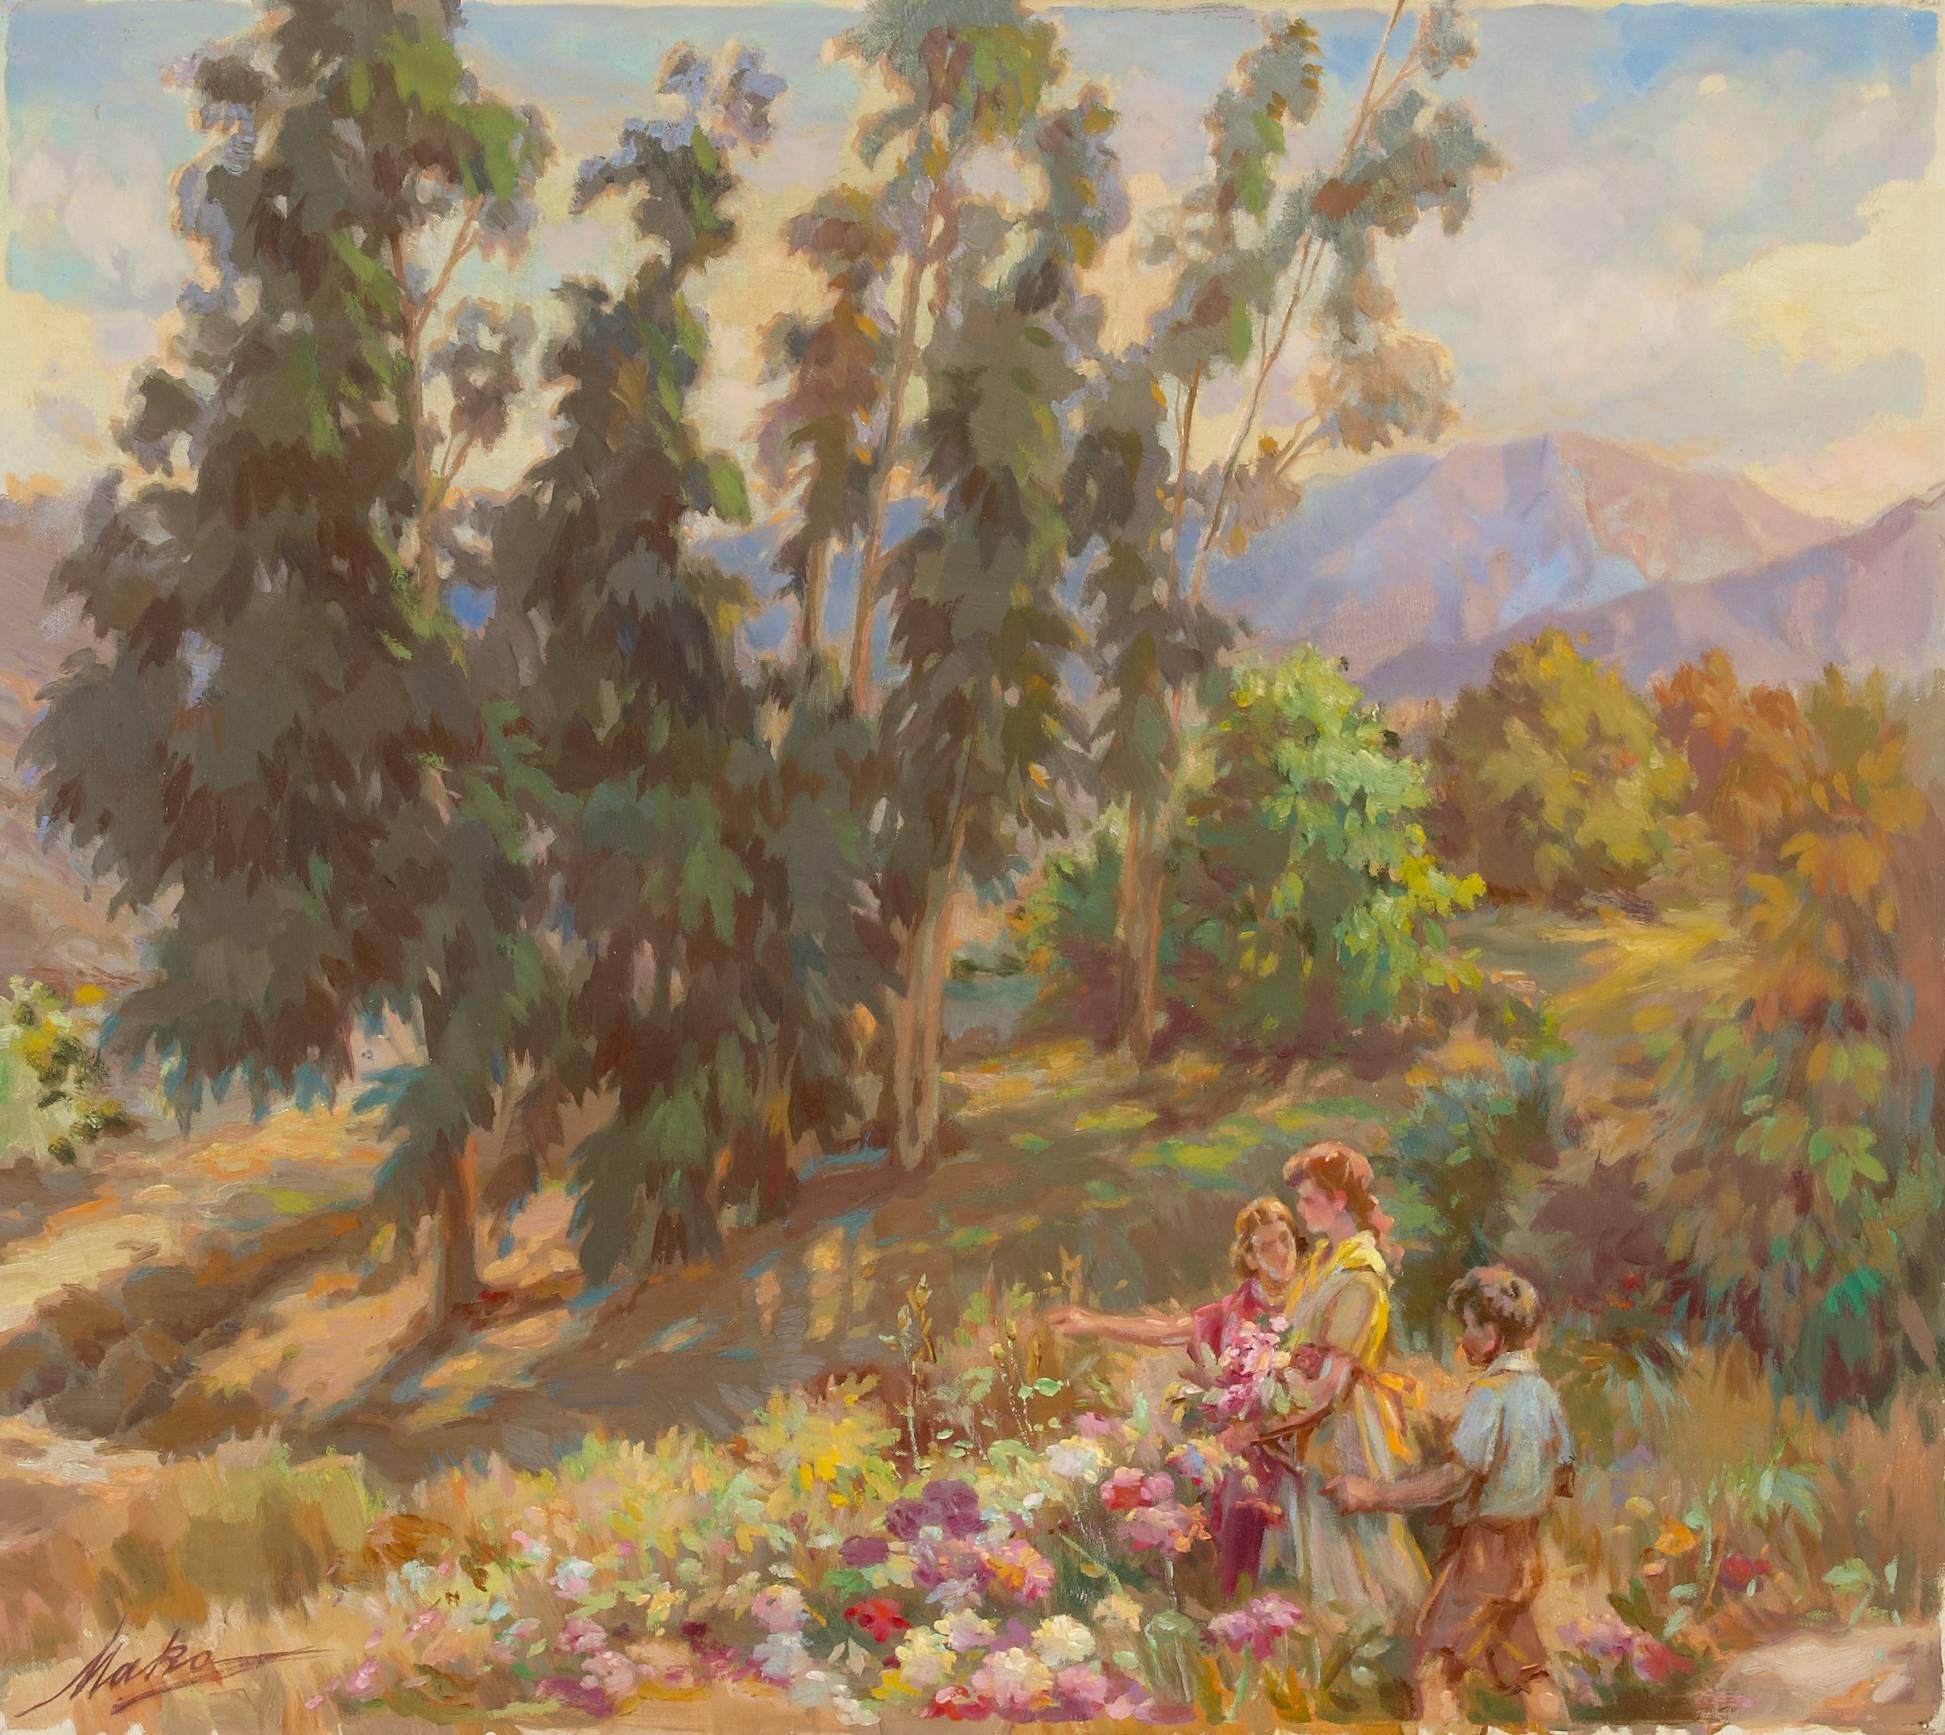 Bartholomew Mako (1890-1970)